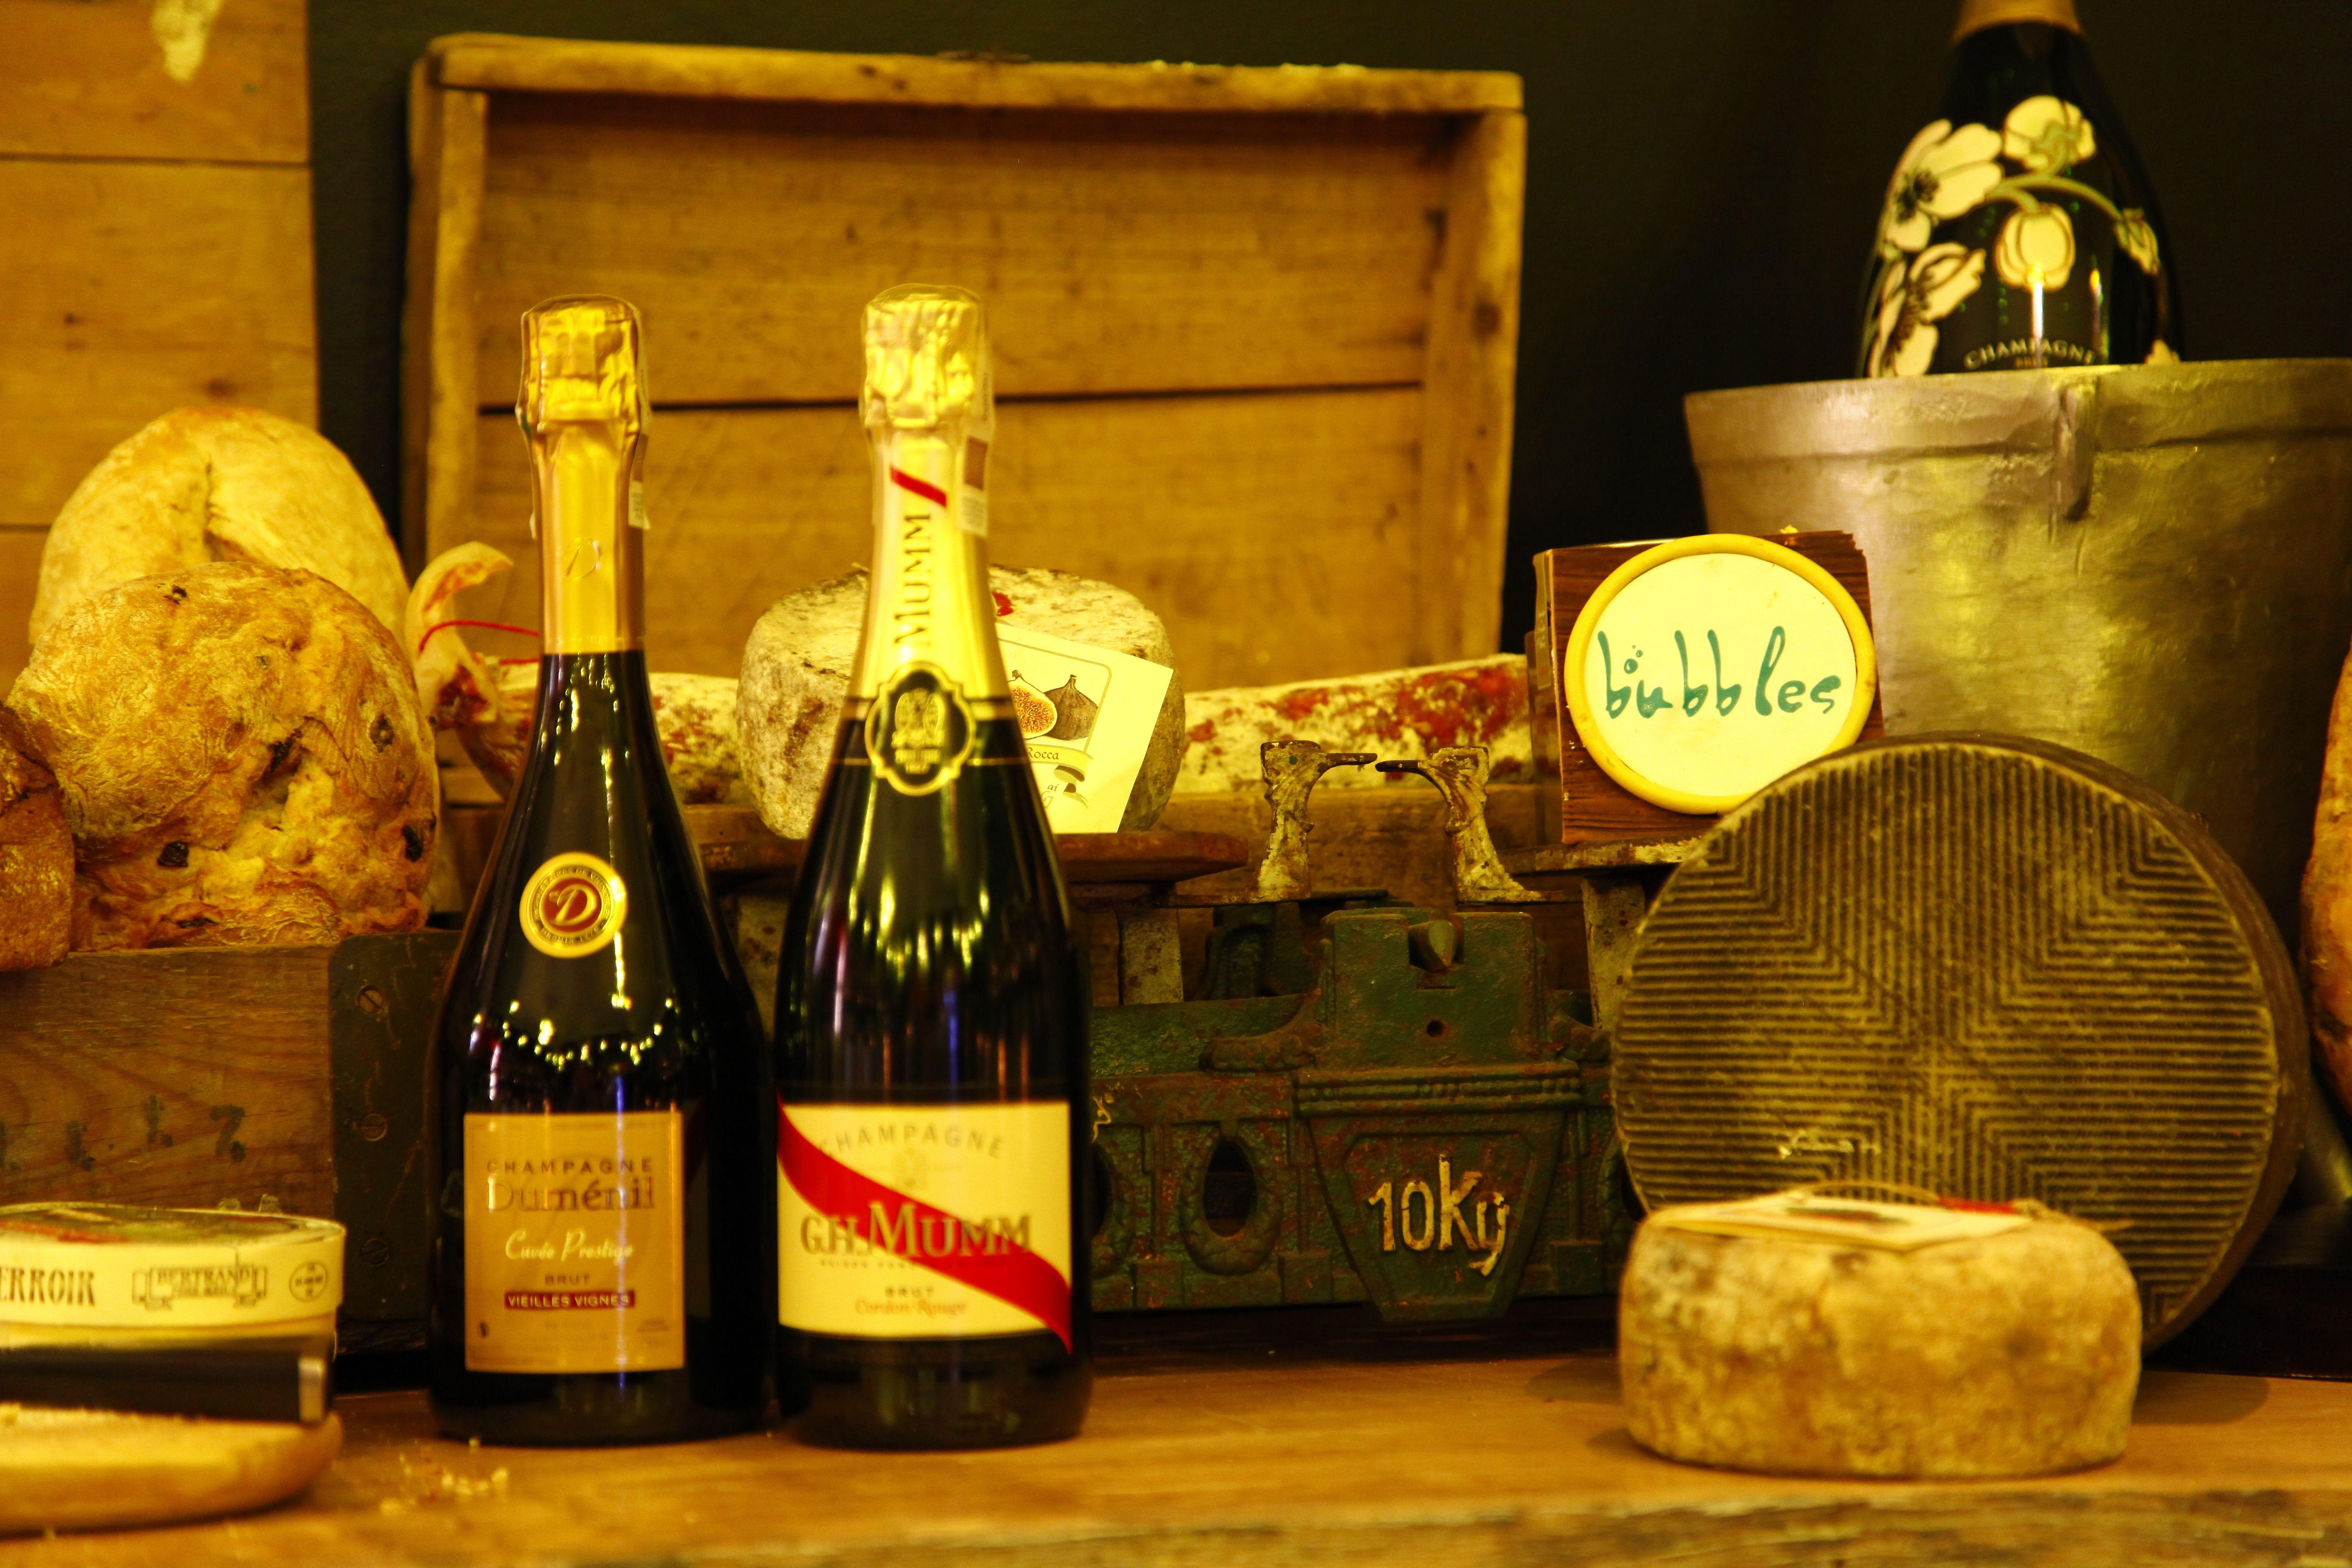 Najwiekszy Wybor Babelkow Z Calego Swiata Pyszne Dania Kuchni Polskiej I Europejskiej Oraz Niepowtarzalna Atmosfera Najlep Champagne Bottle Champagne Bottle